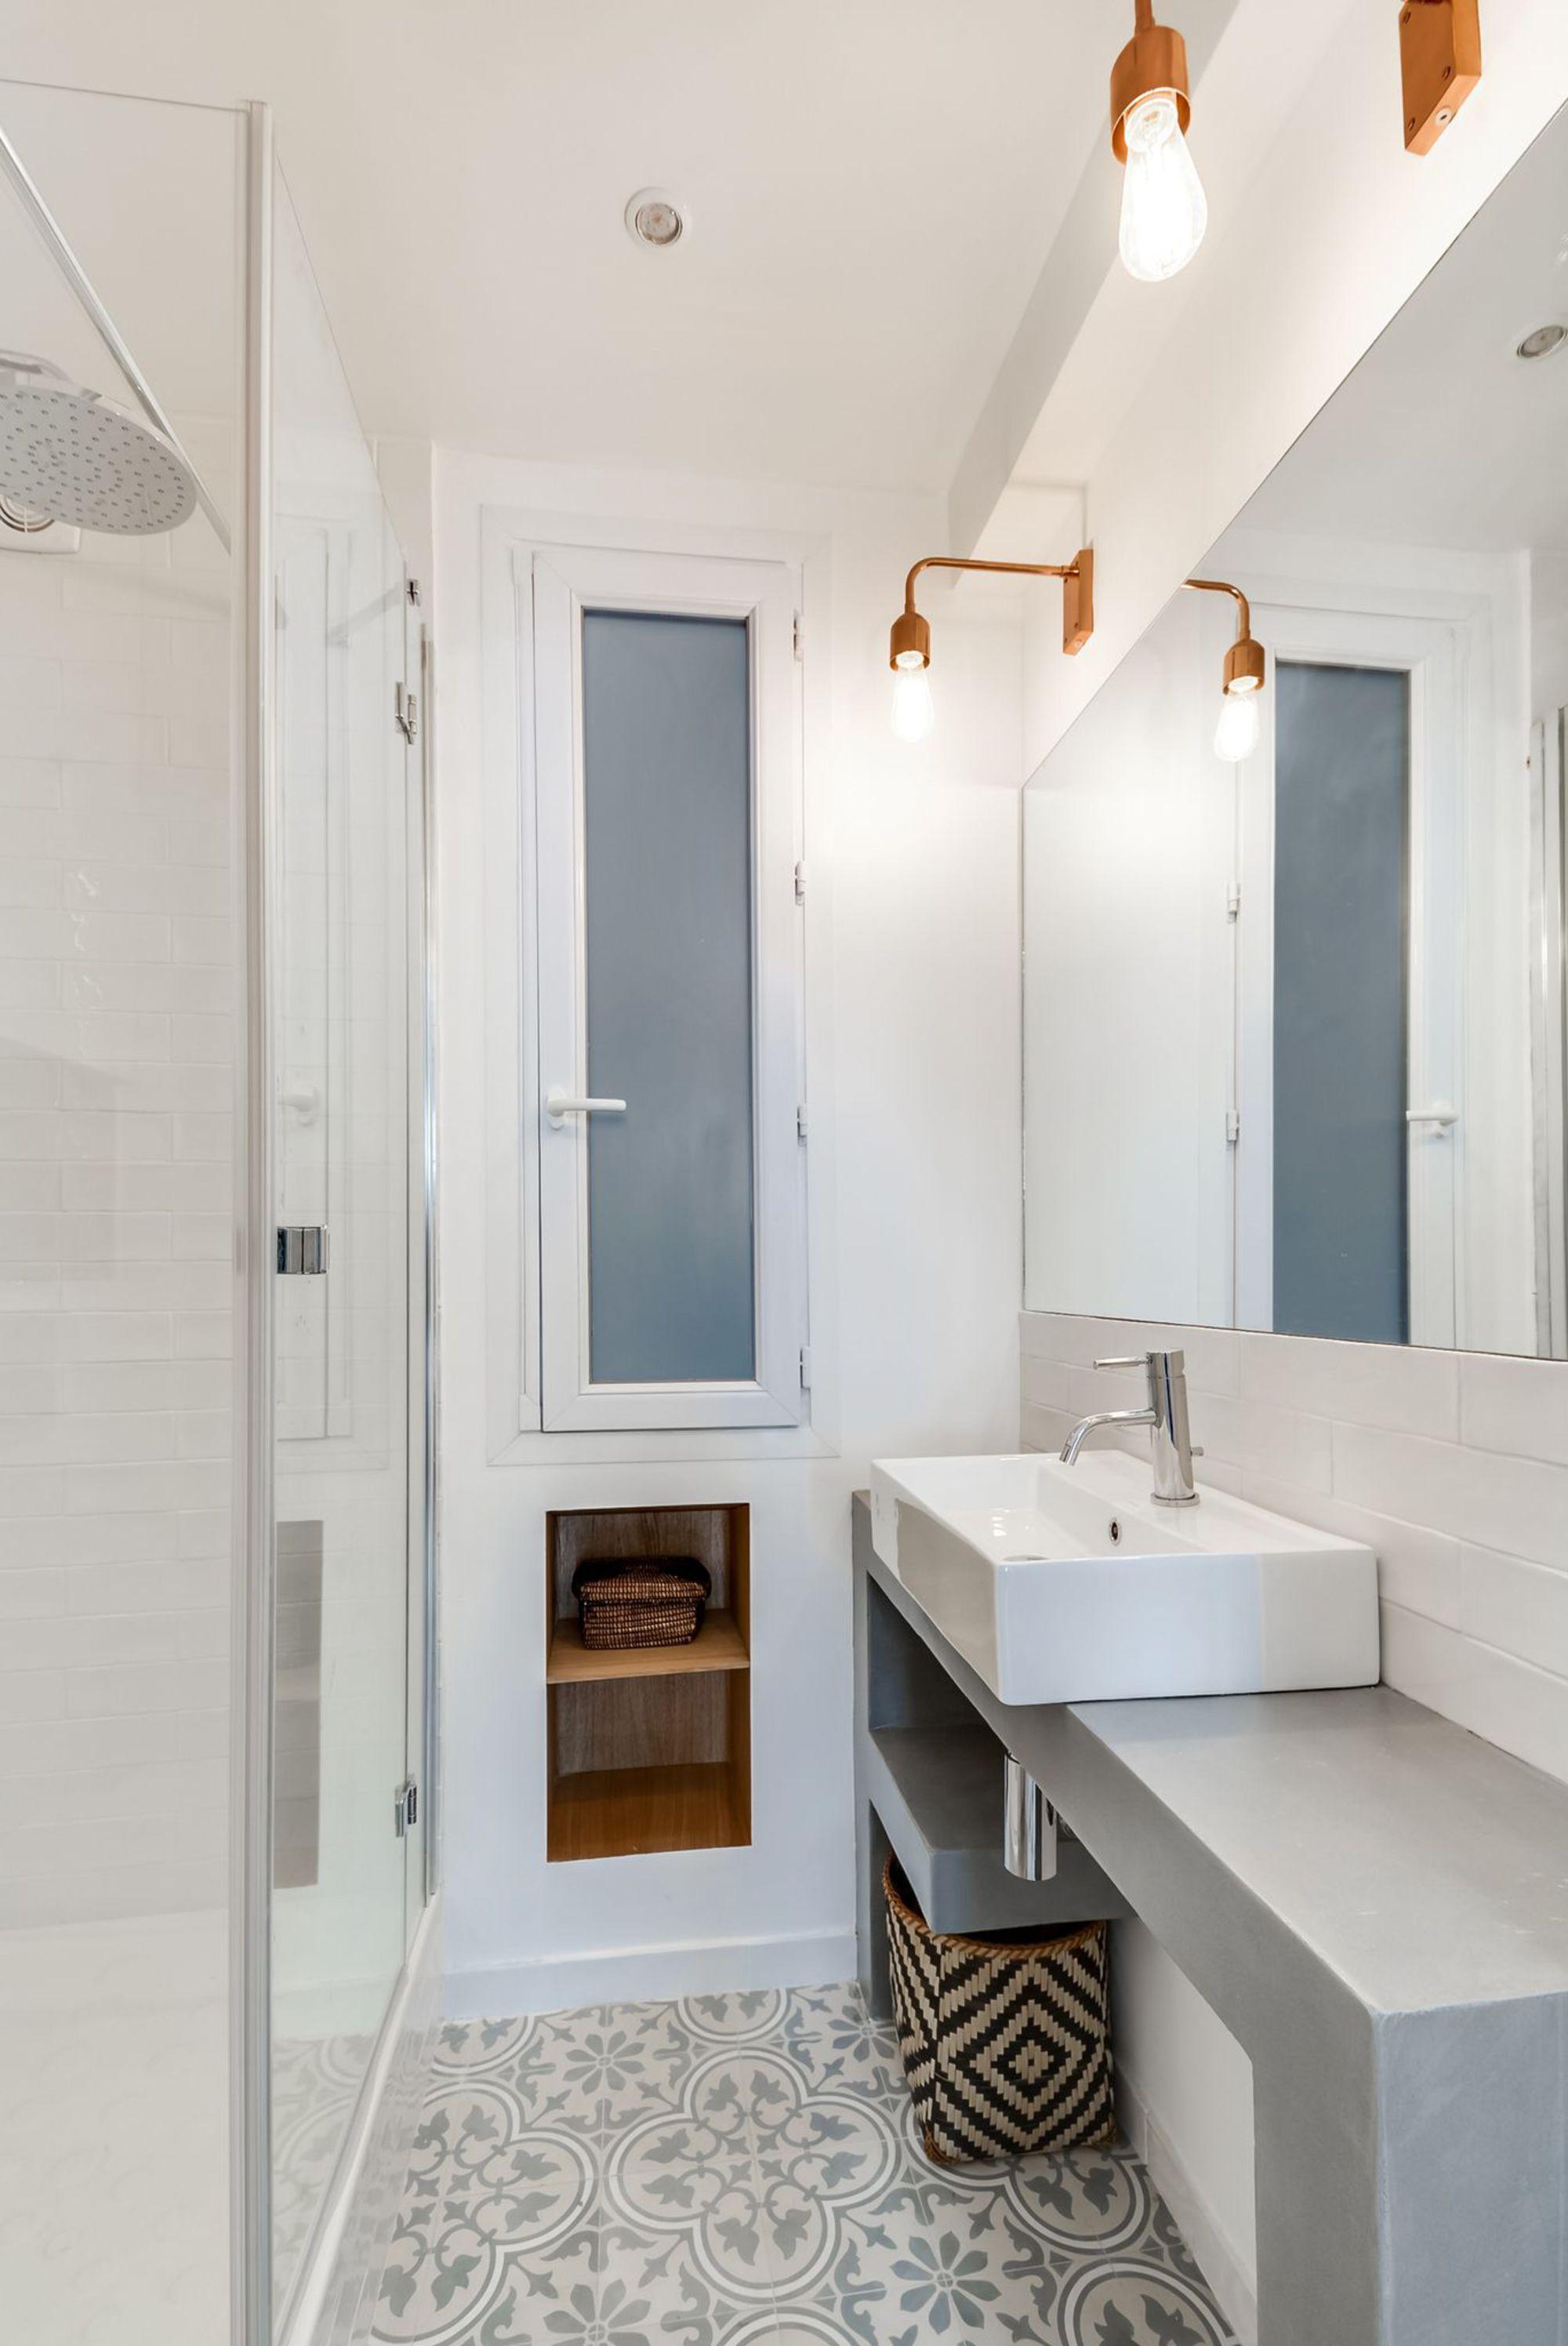 Small apartments petits appartements www for Petit carreaux salle de bain